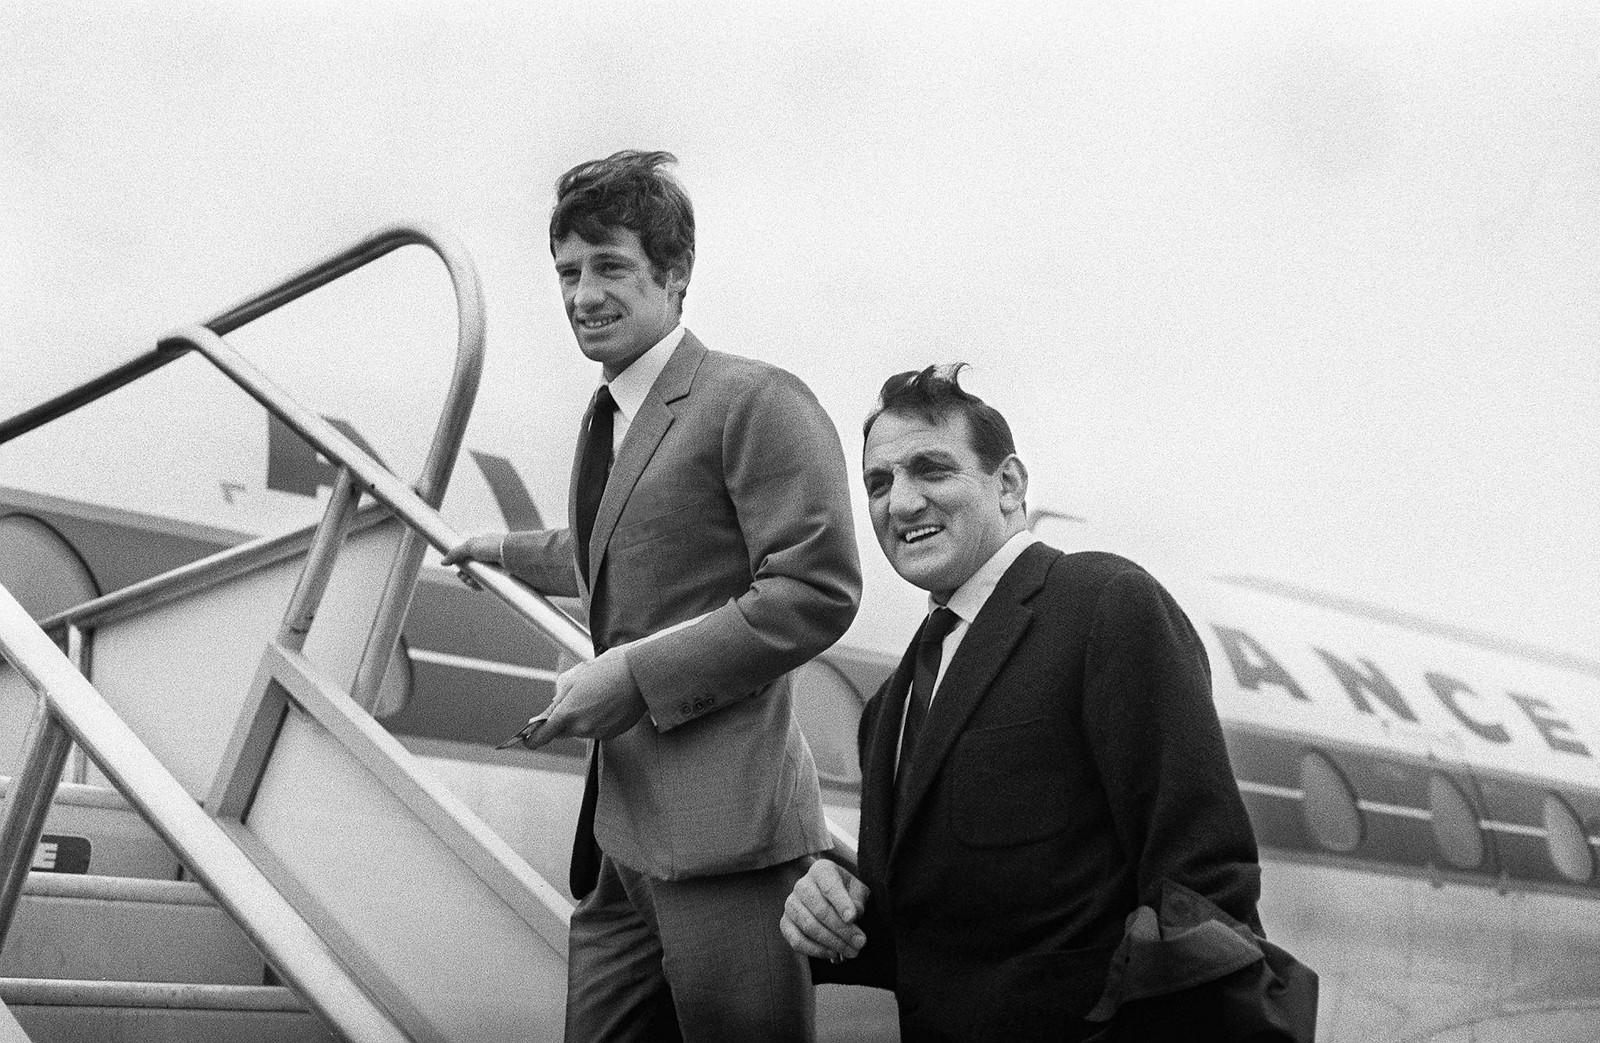 1963. Лино Вентура (справа) и Жан-Поль Бельмондо (слева) готовятся сесть на самолет, который доставит их в Касабланку, где будет сниматься фильм «100 000 долларов на солнце»